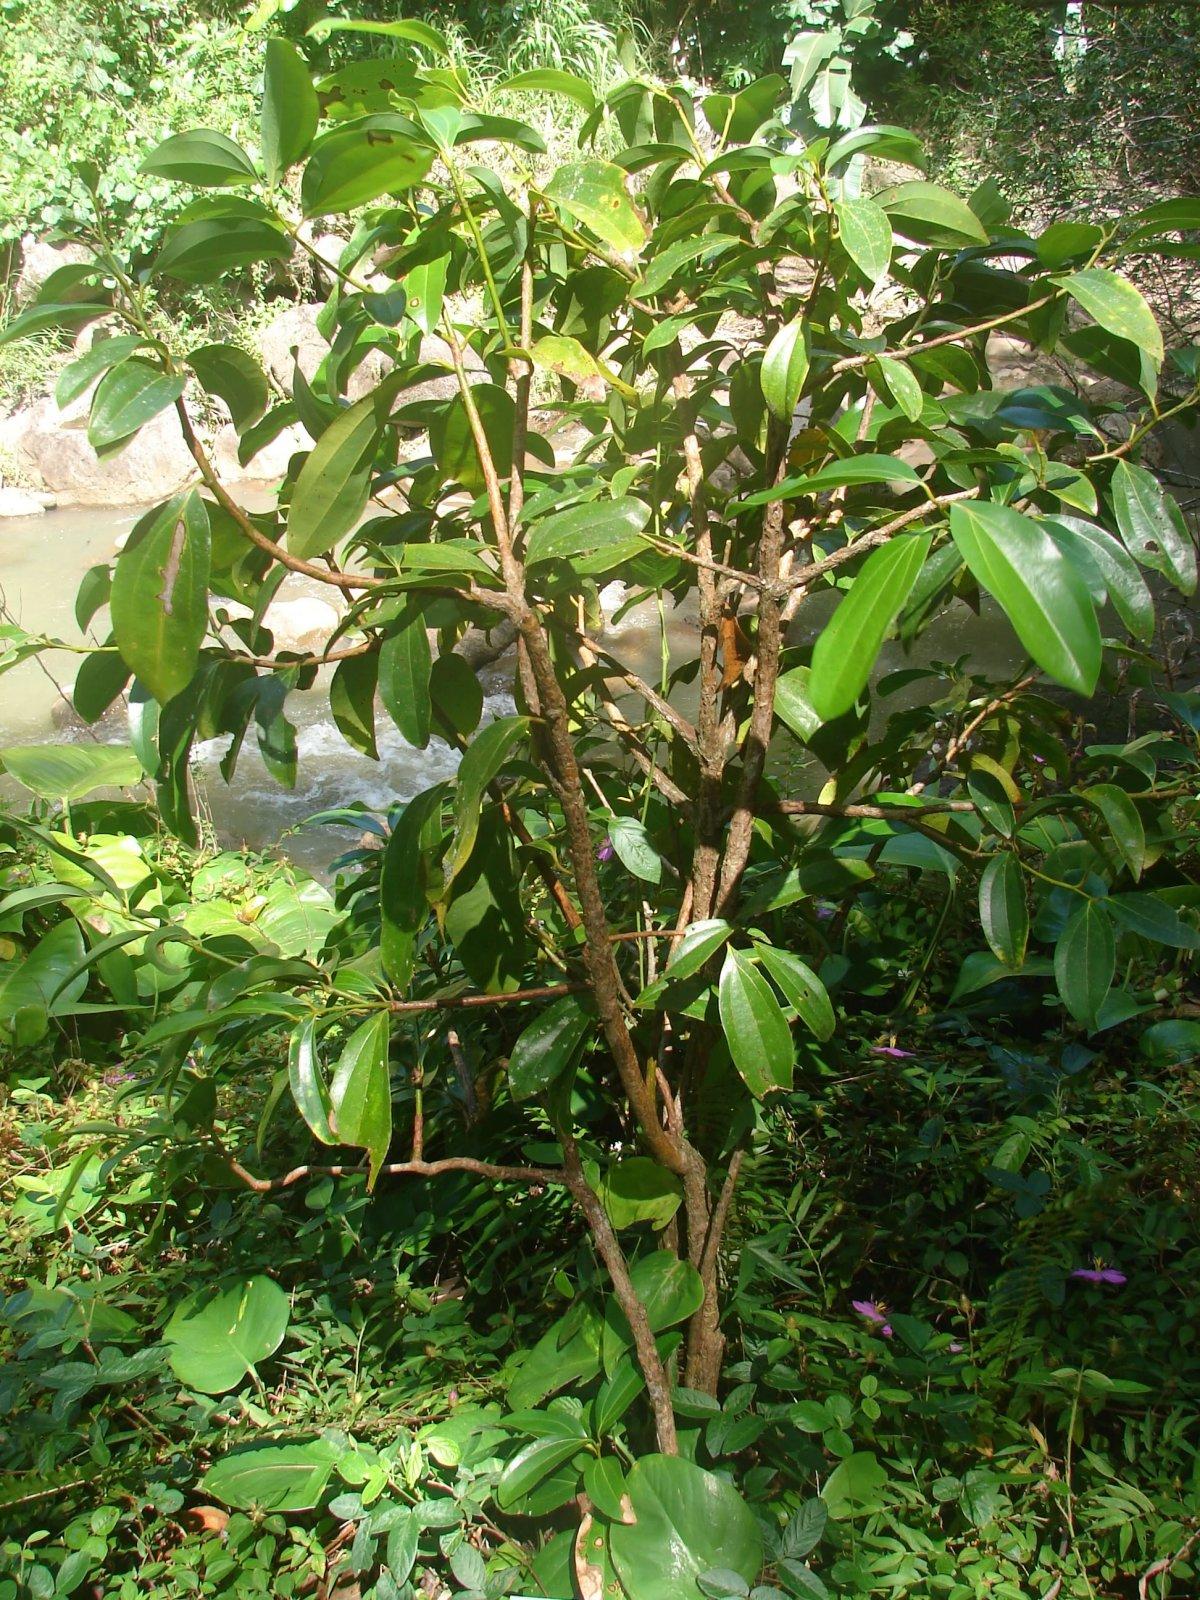 tropicheskie-plody-rastenij-kotorye-my-edim-foto-opisanie-33